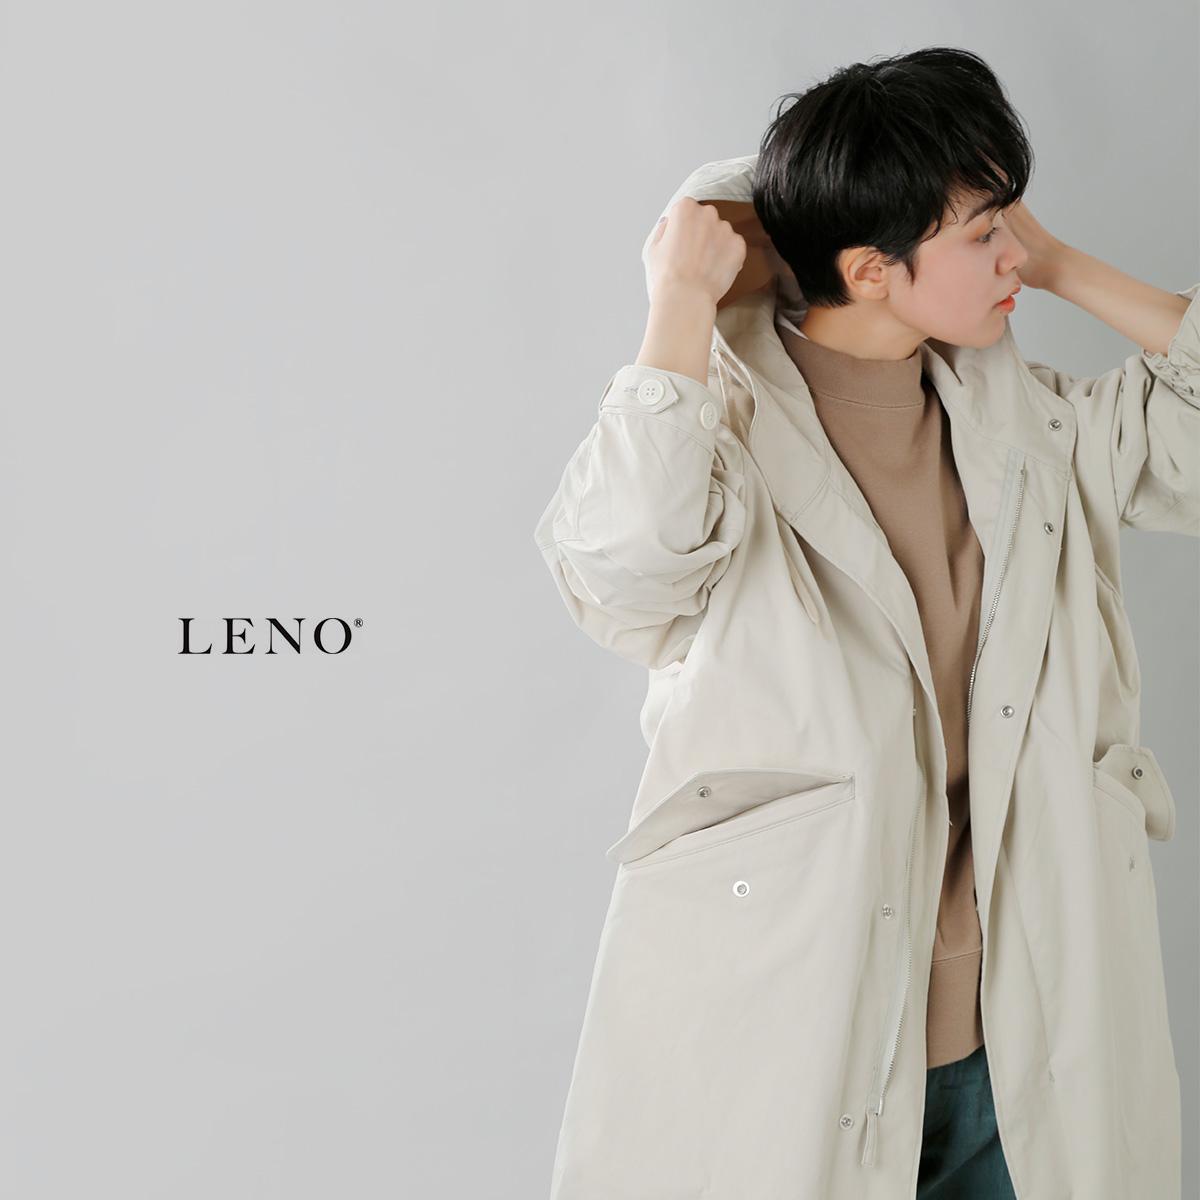 LENO(リノ)コットン撥水加工フーデットコート h2002-co004